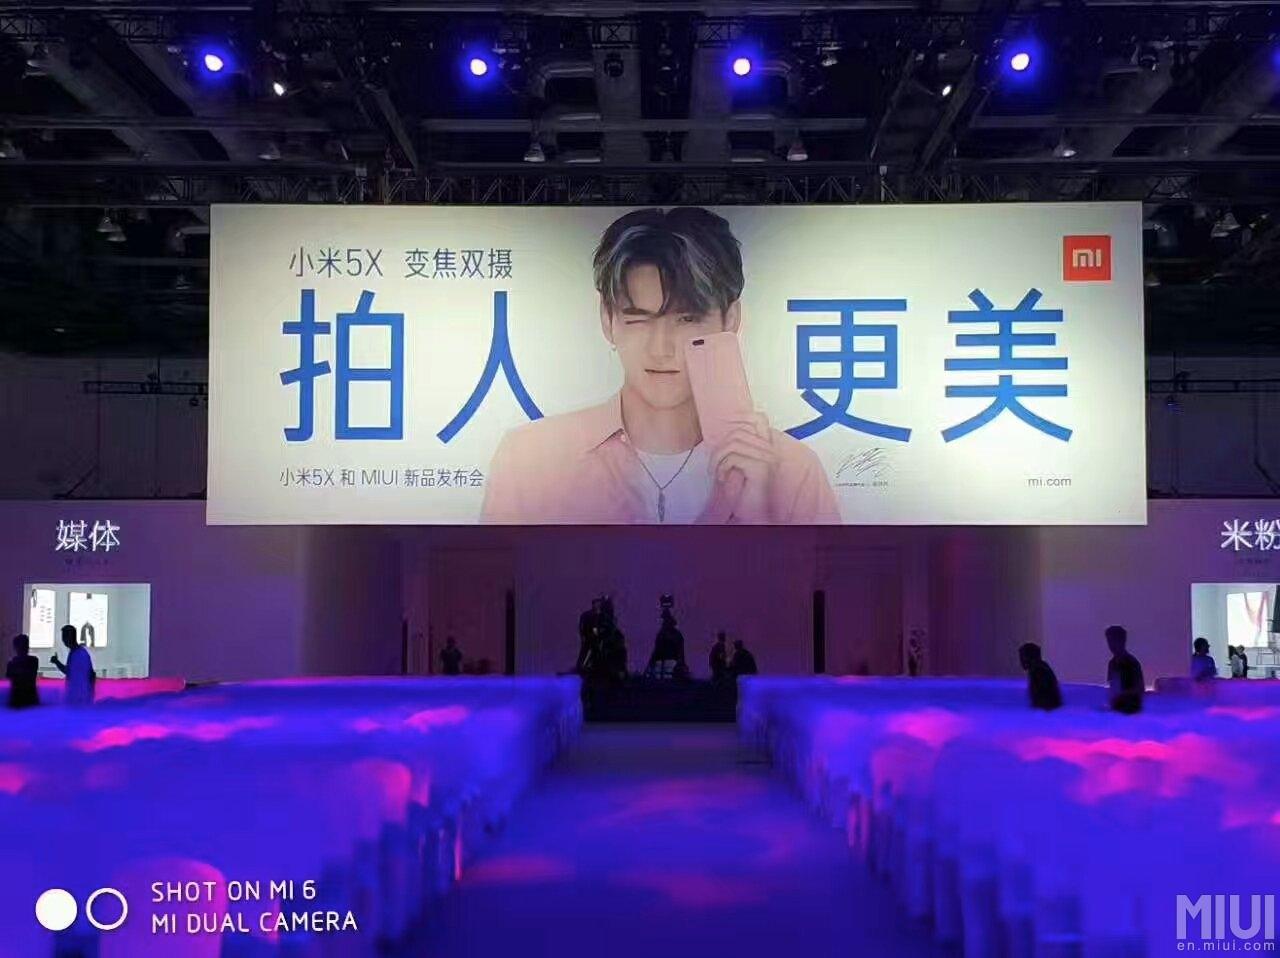 Disponibilidad y precio del Xiaomi Mi 5X